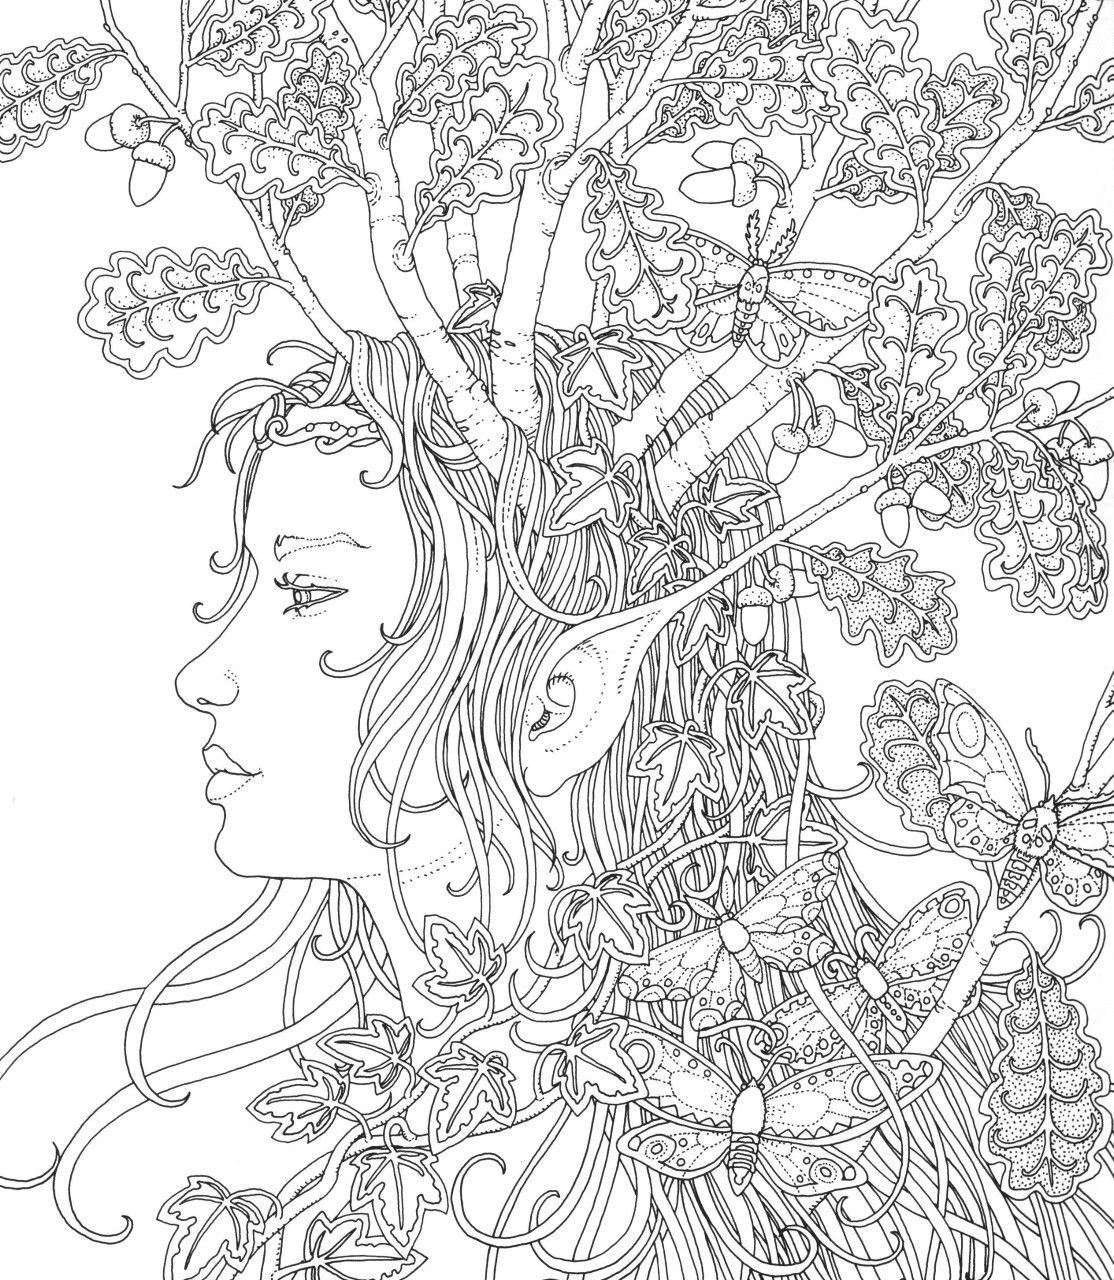 Pin By Lorna Belle Harty On Kleurplaten In 2020 Fairy Coloring Pages Coloring Pages Coloring Books